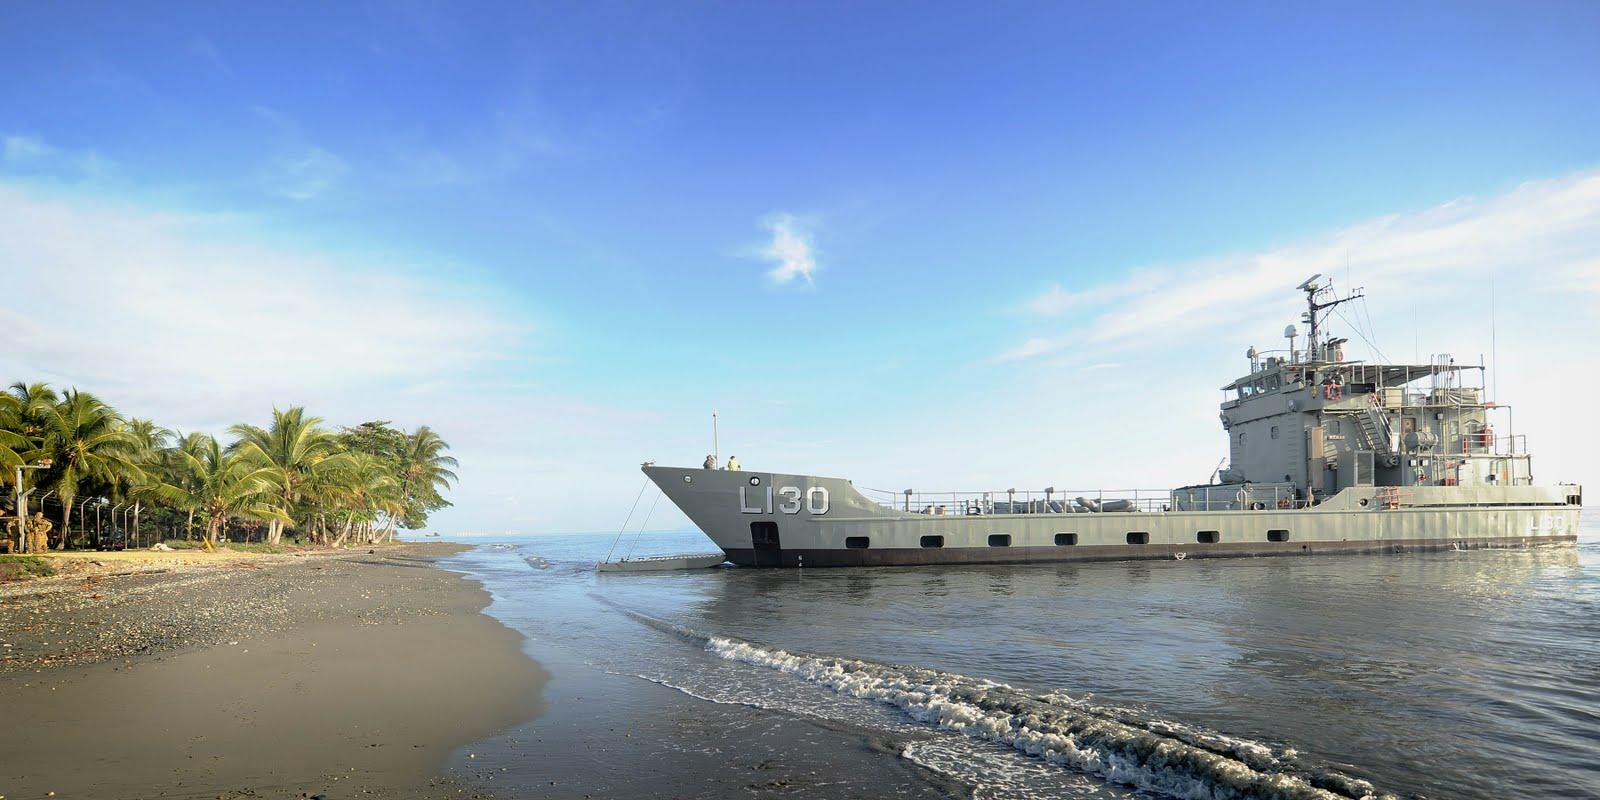 Naval Photos: HMAS Wewak (L130)